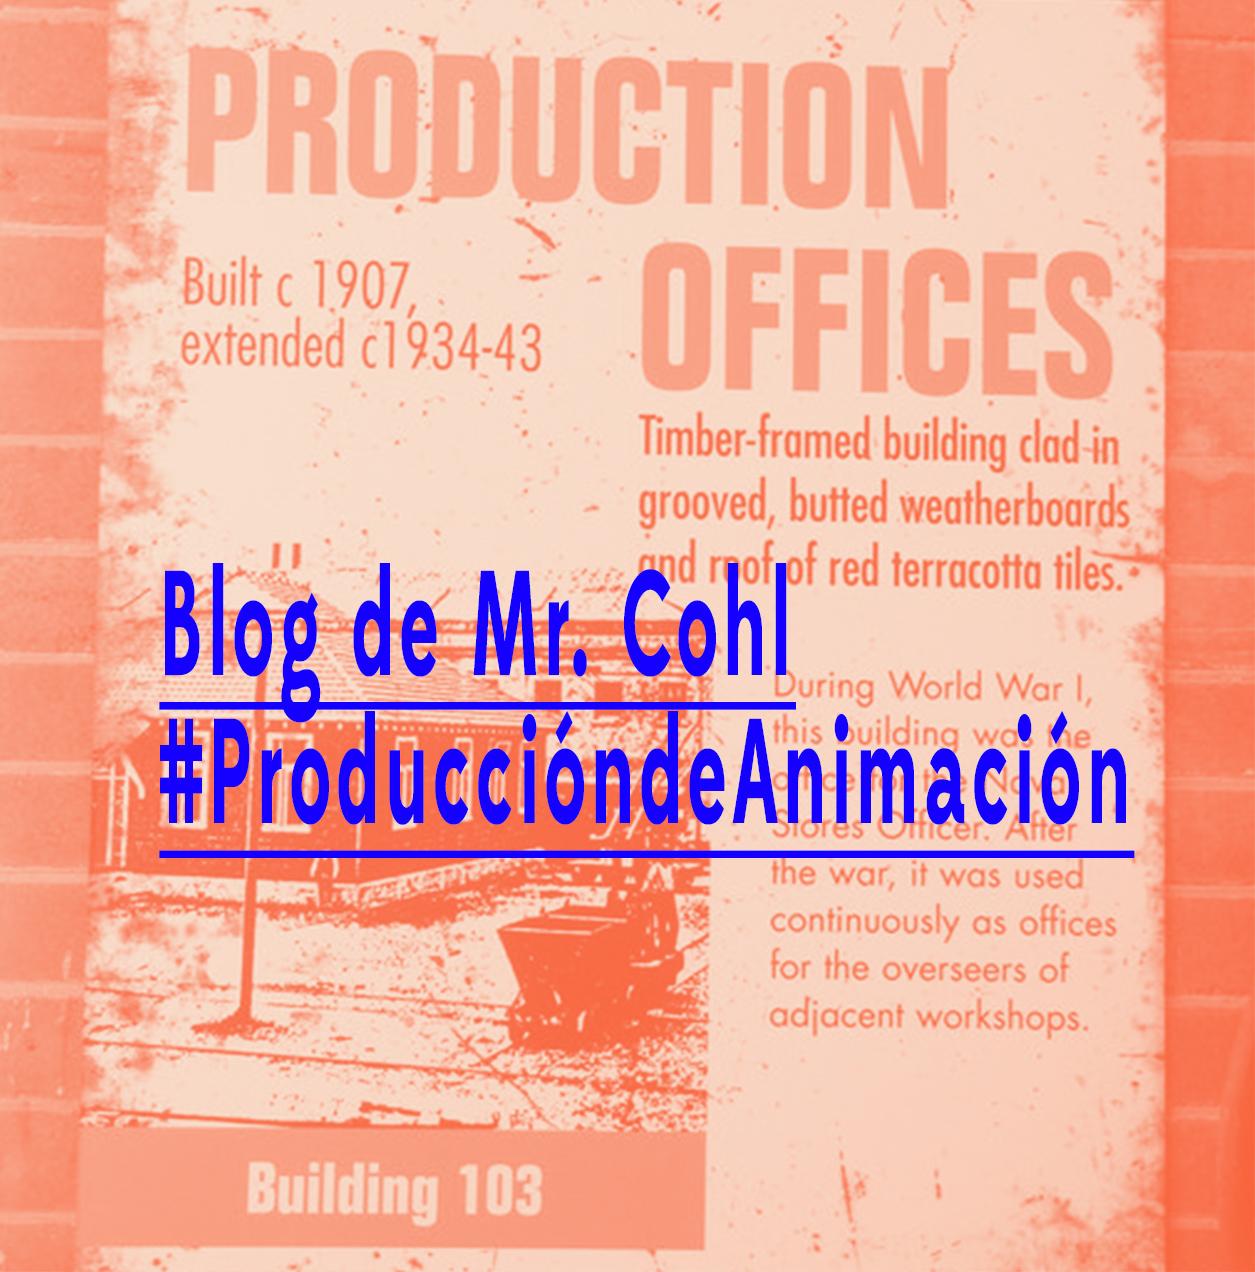 Blog de Producción de Animación de Mr. Cohl